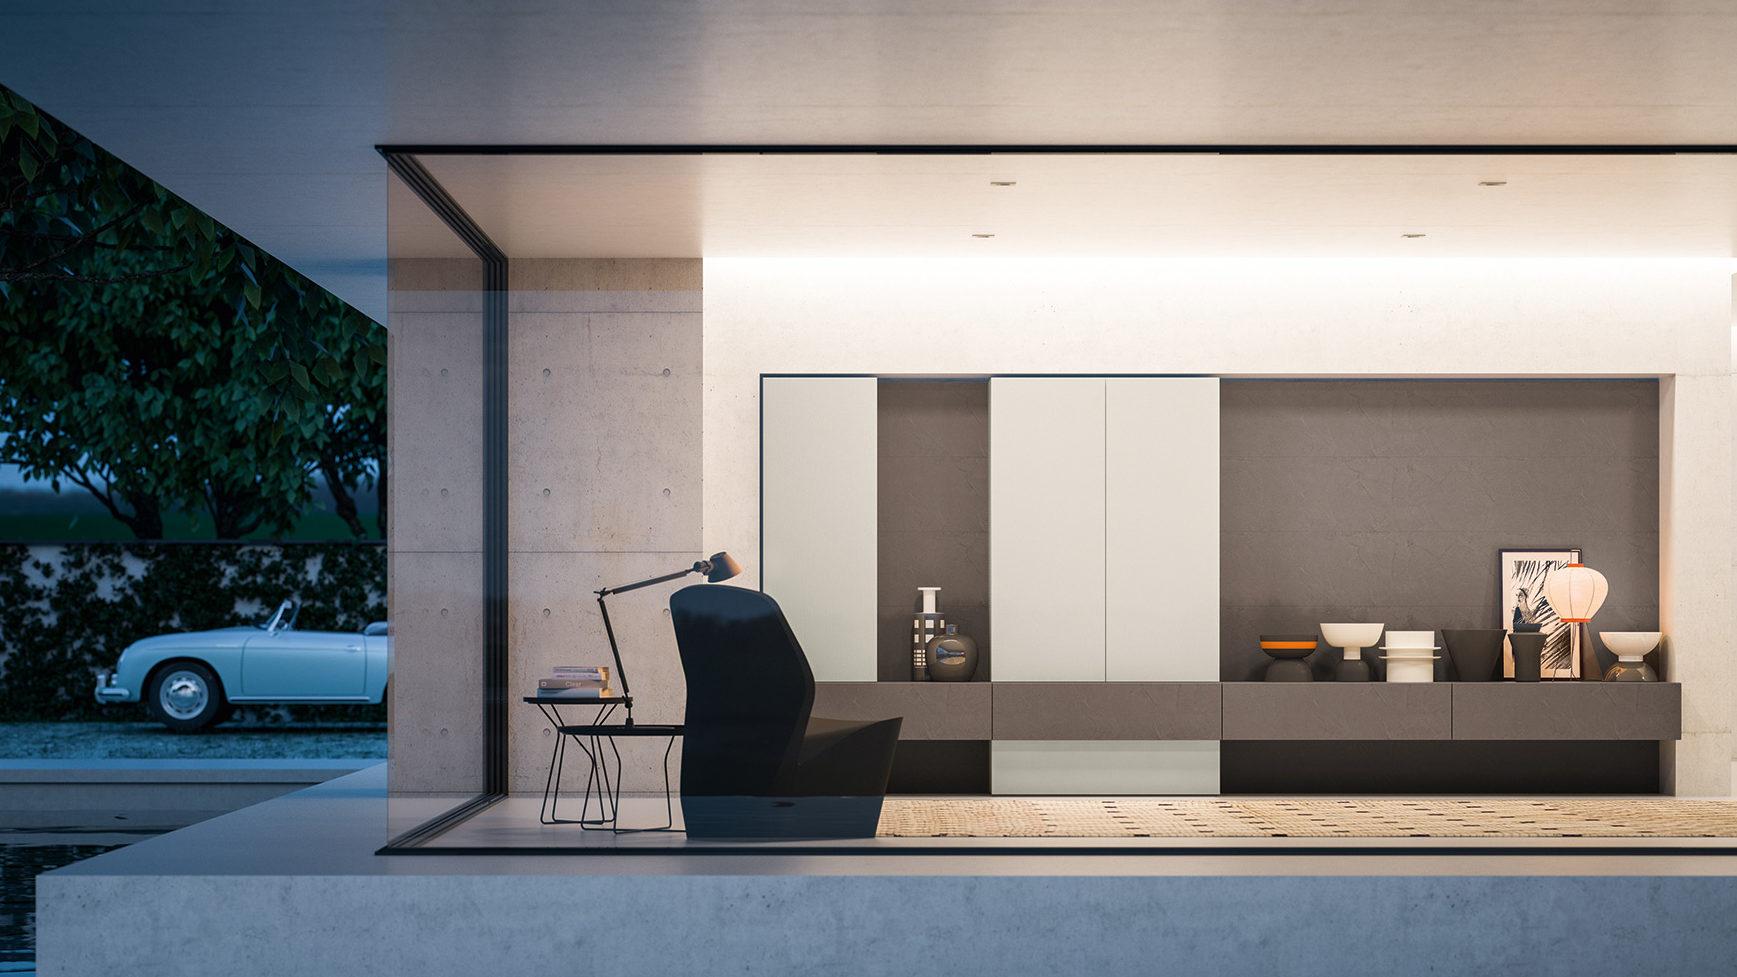 La rivoluzione degli spazi linea due arredamenti blog for Linea casa arredamenti